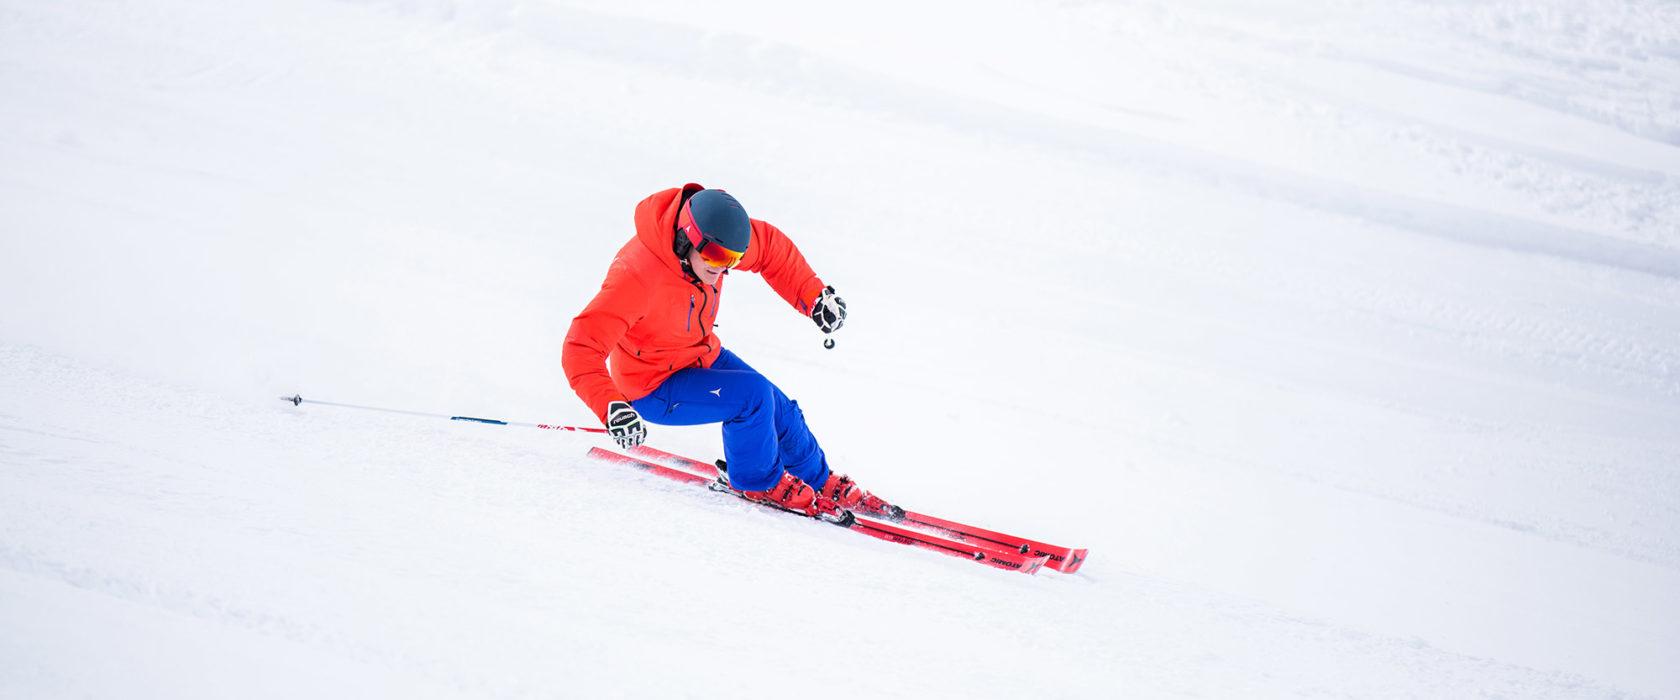 atomic ski redster g9